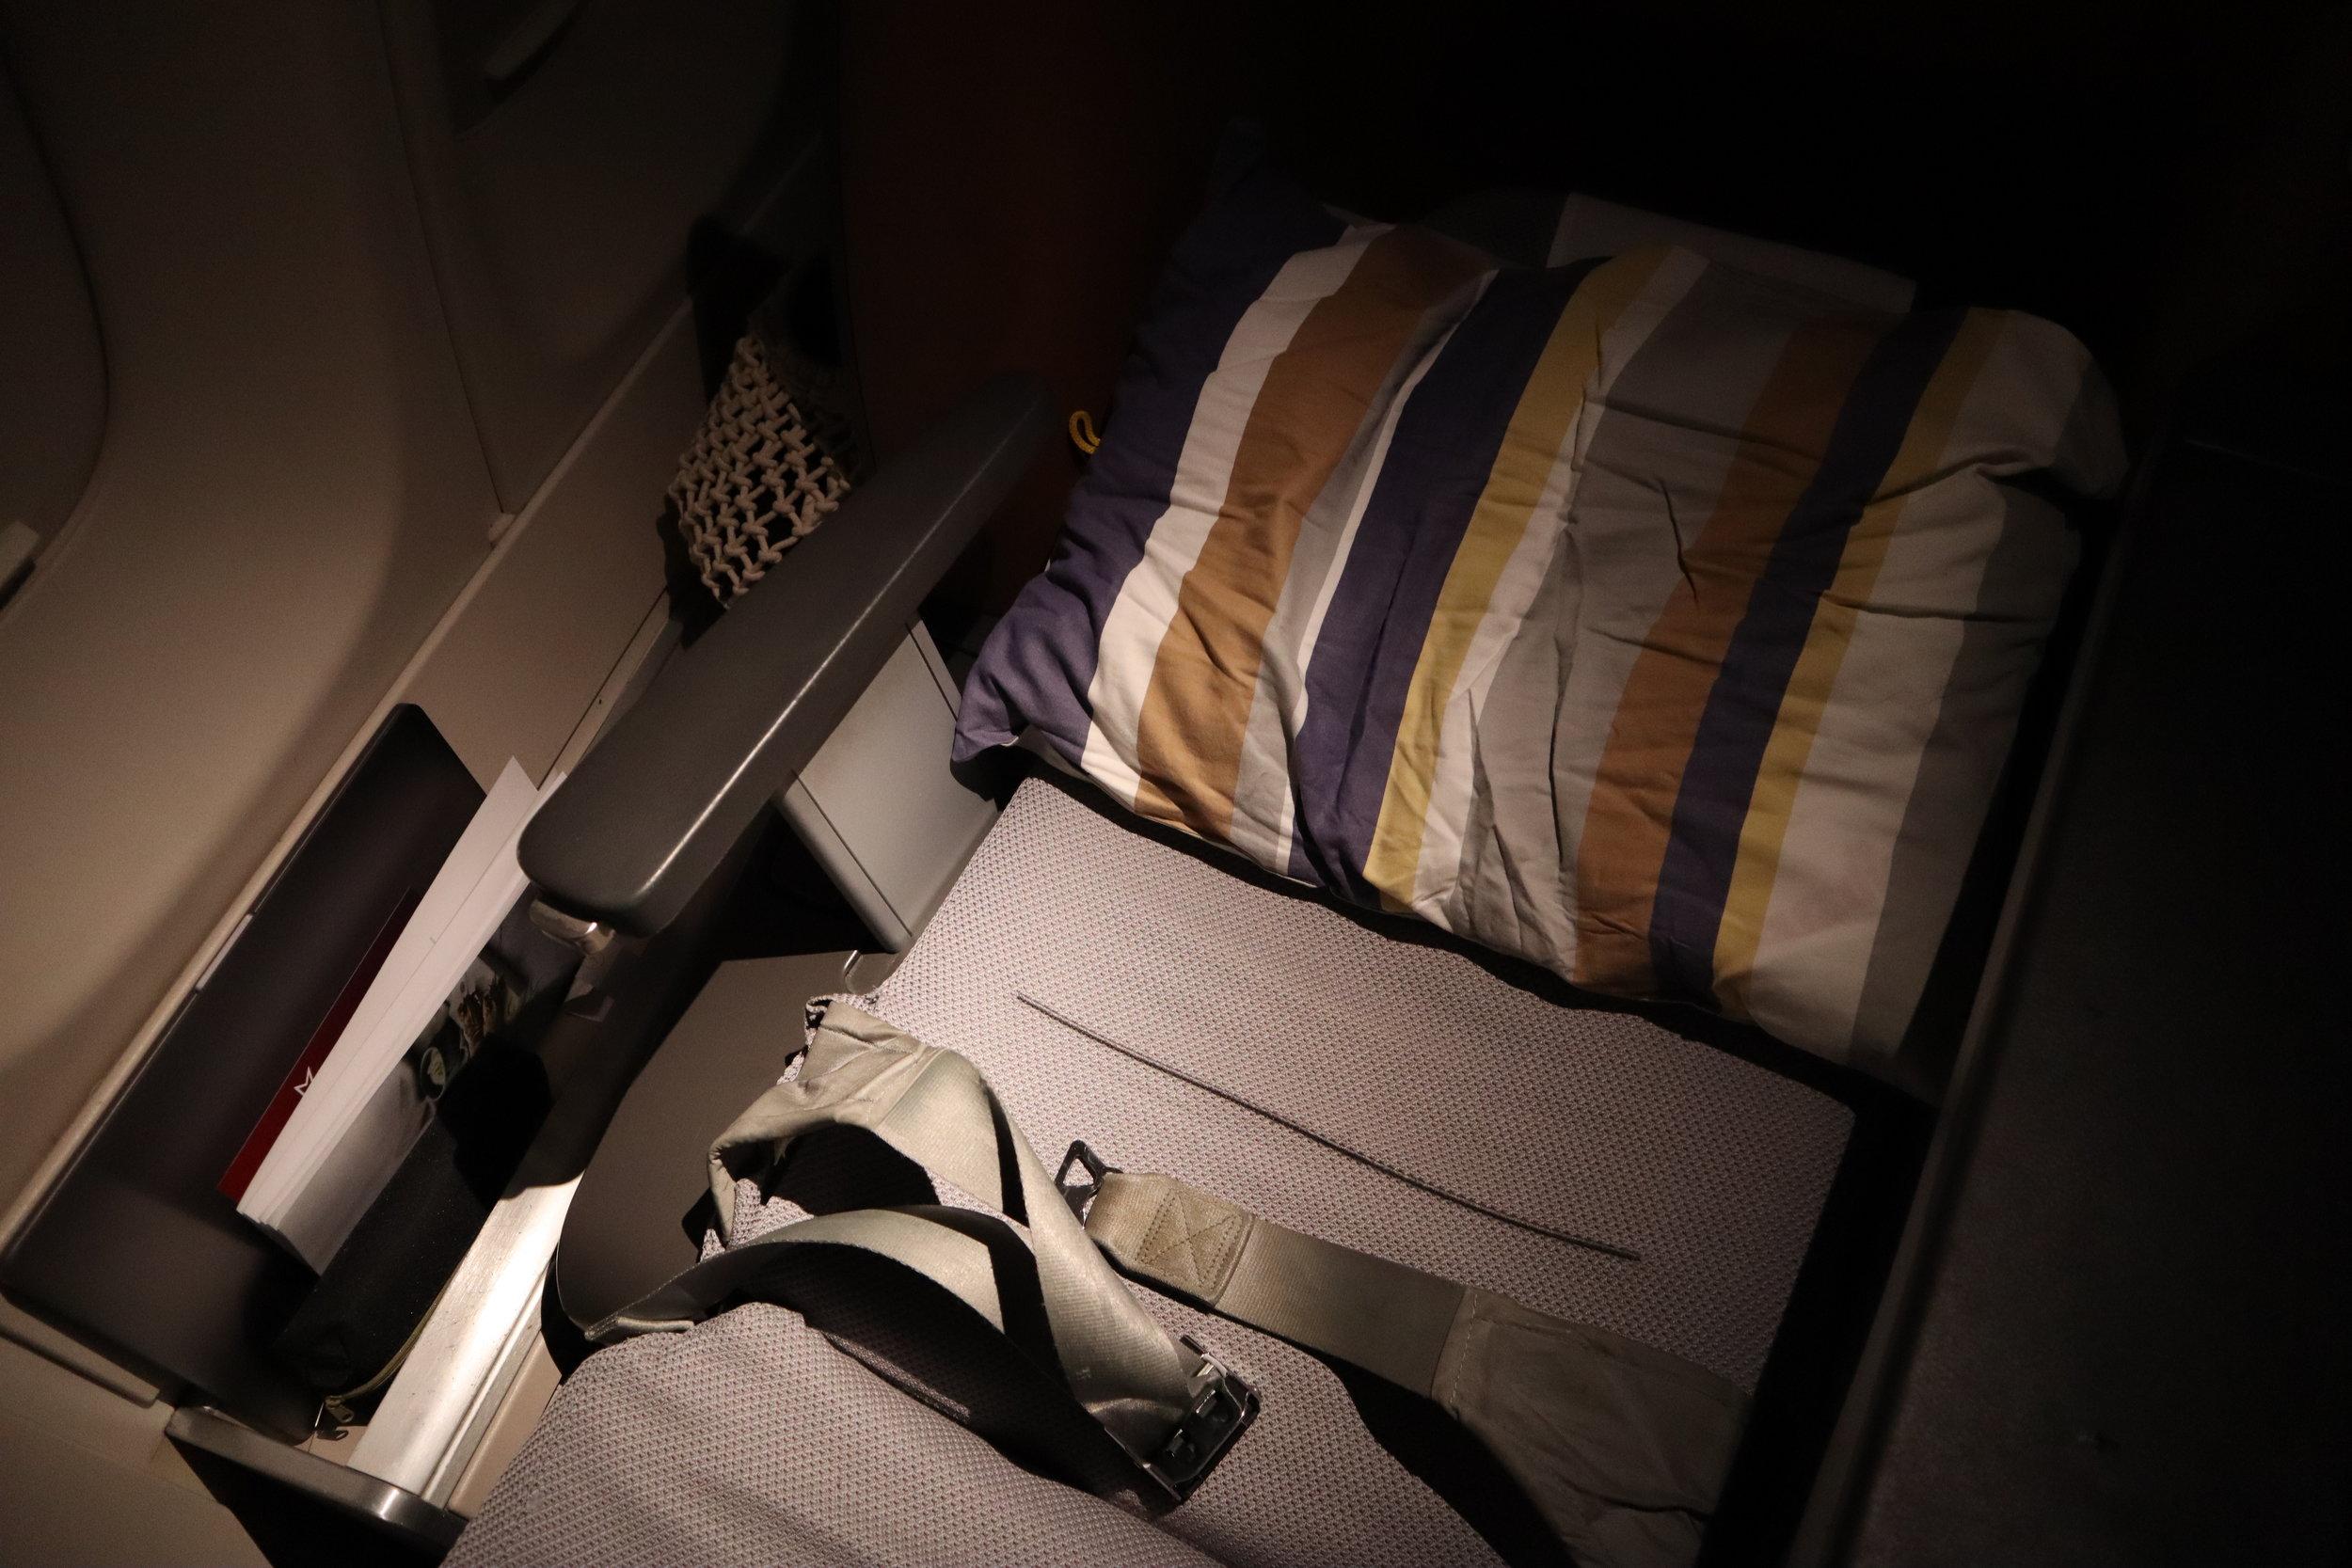 Lufthansa 747-400 business class – Bed